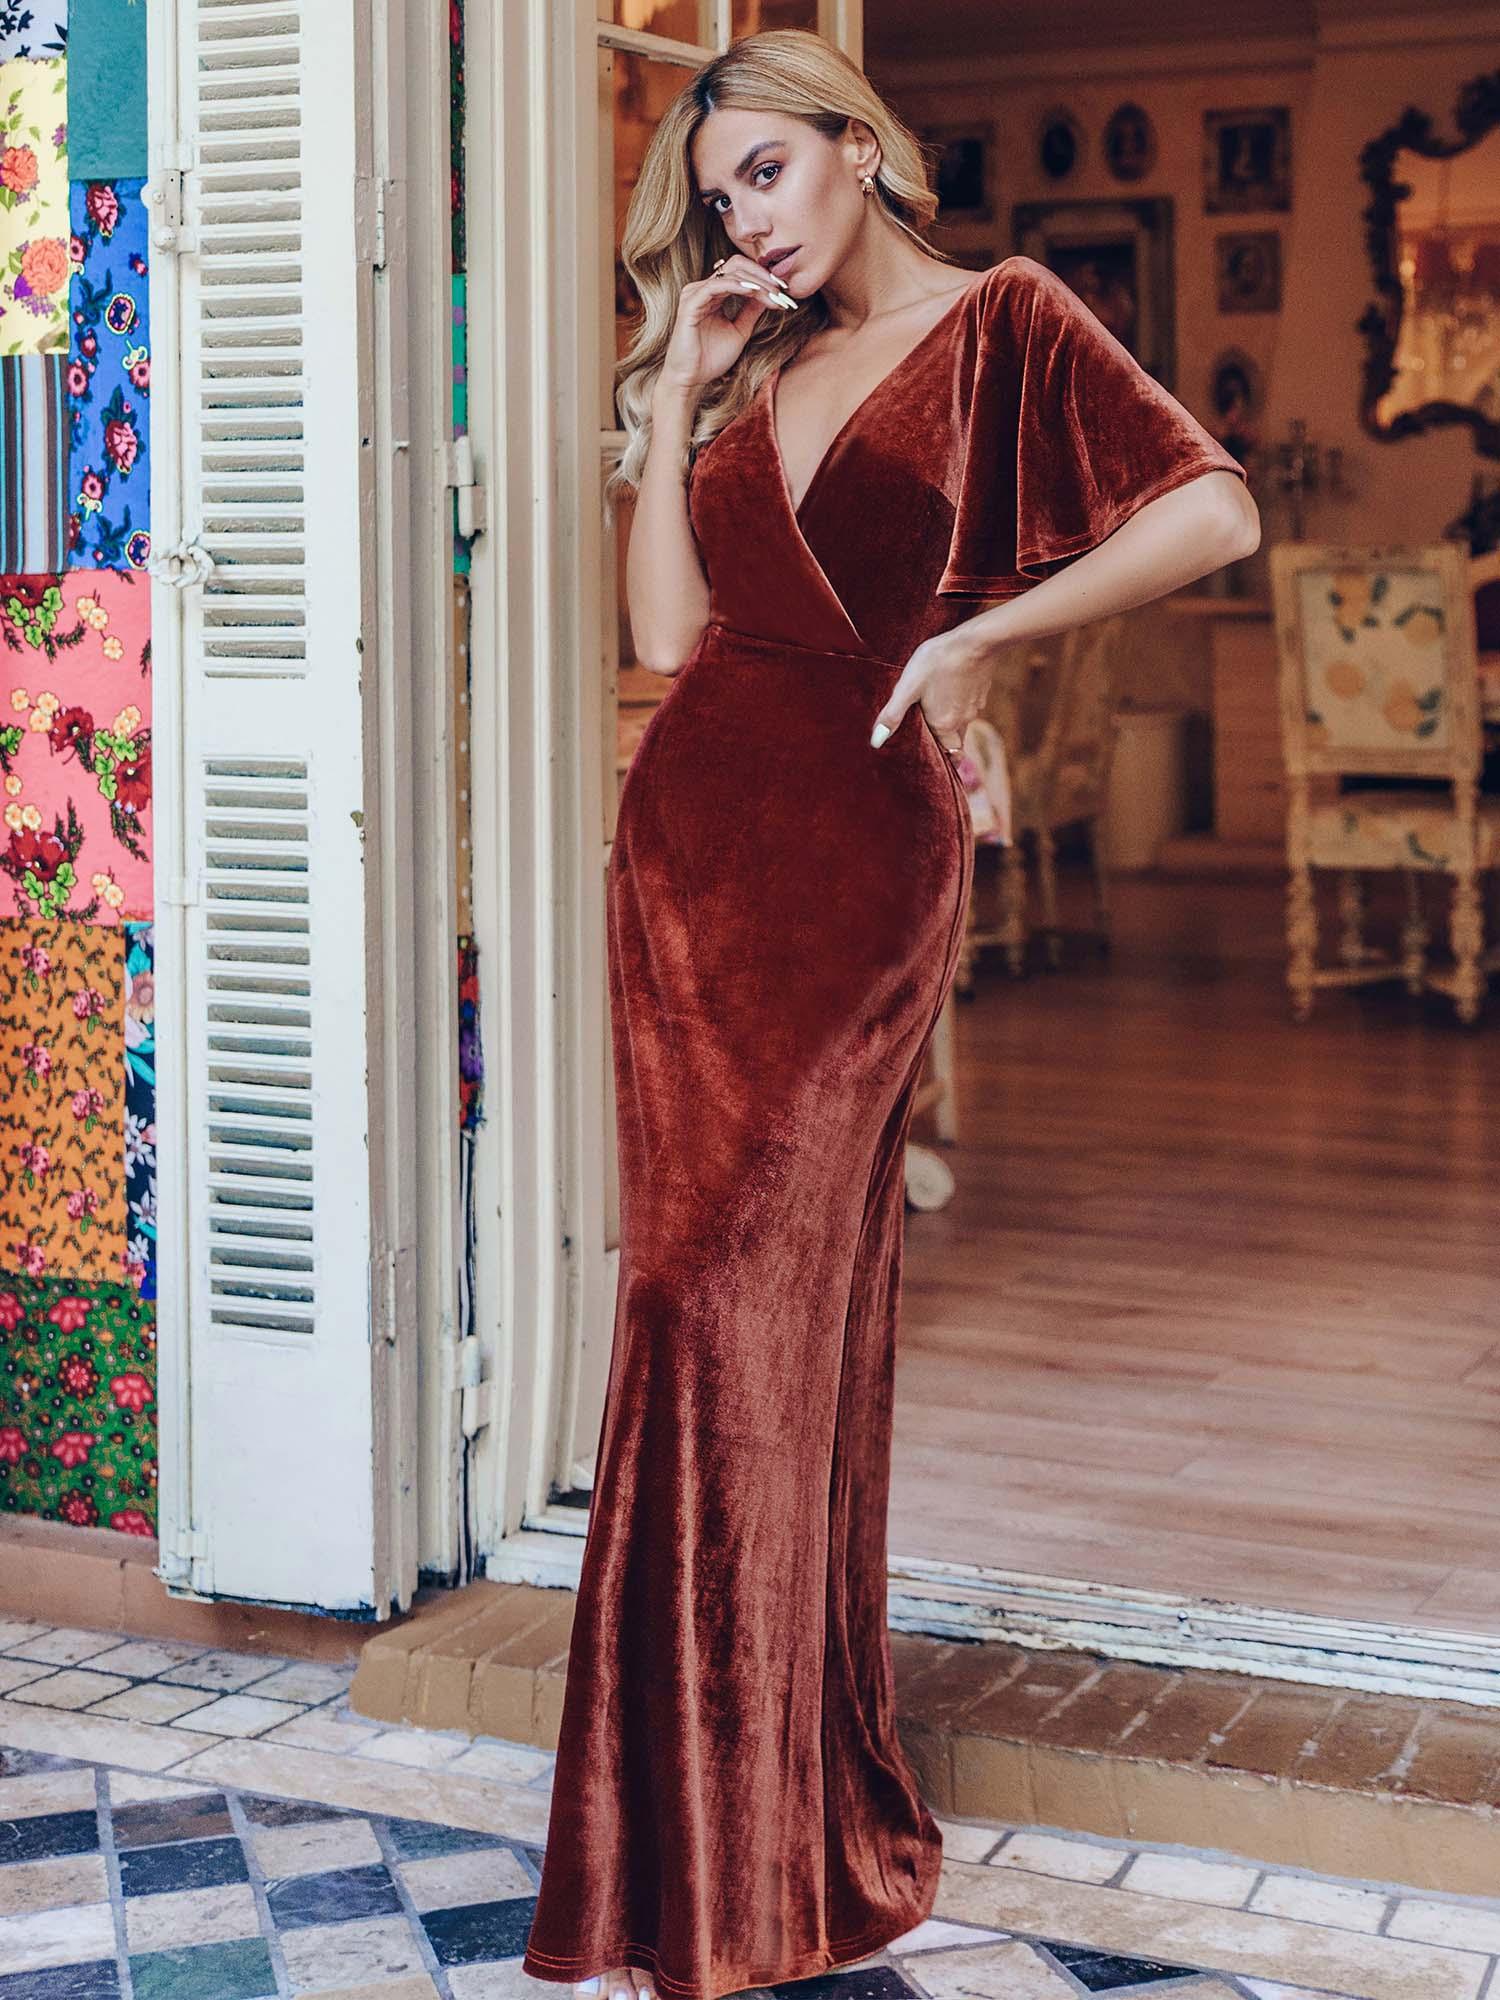 Robe de soirée Elegant Double V Neck Velvet Party Dresses for Women Evening Dresses Cream Plus Size Vestido de noche A-LINE Gown